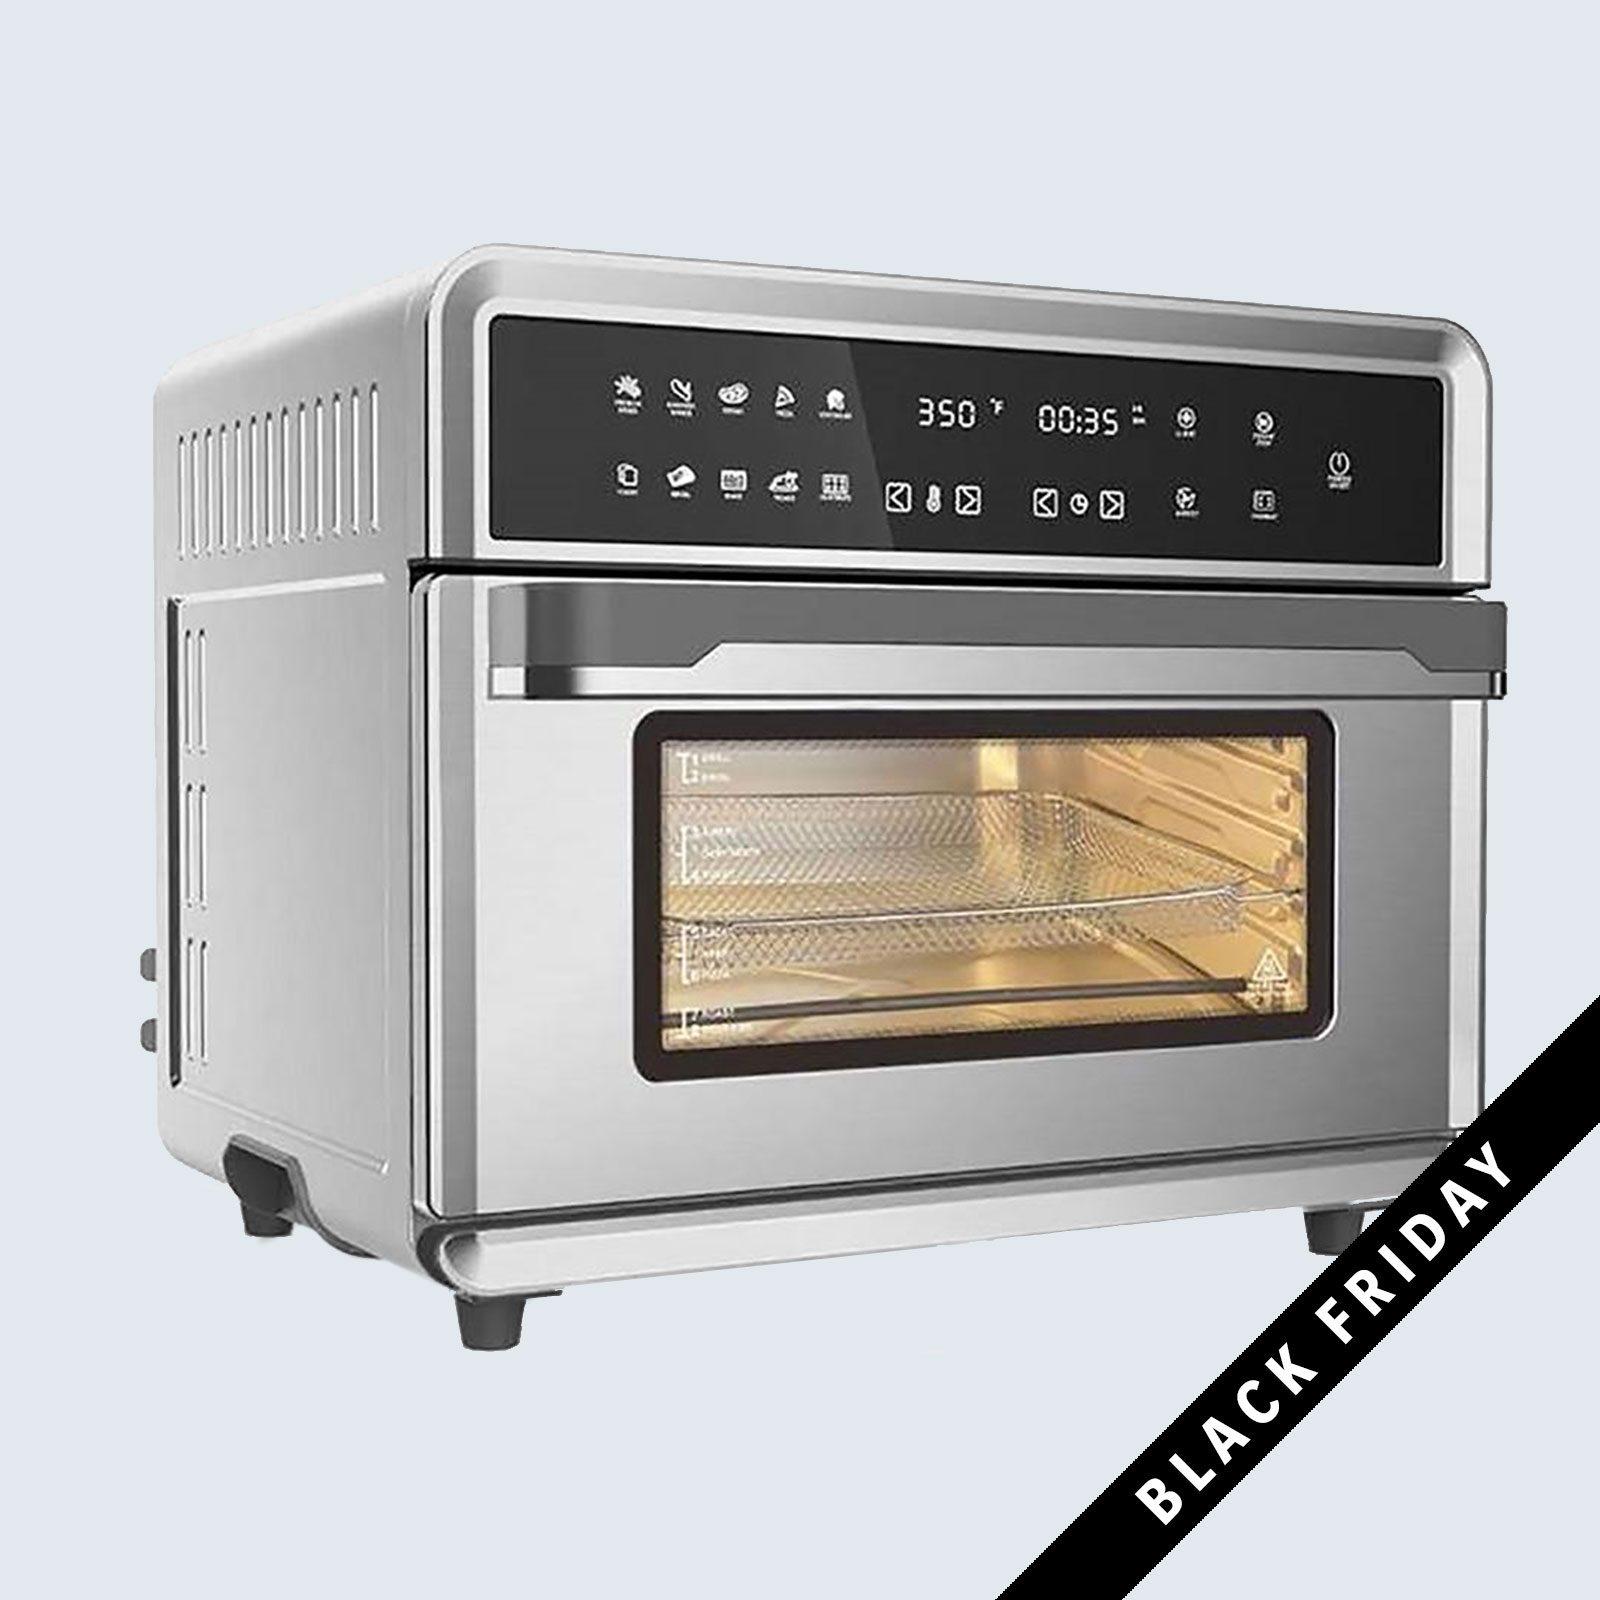 Aria 30 Quart Touchscreen Air Fryer Oven